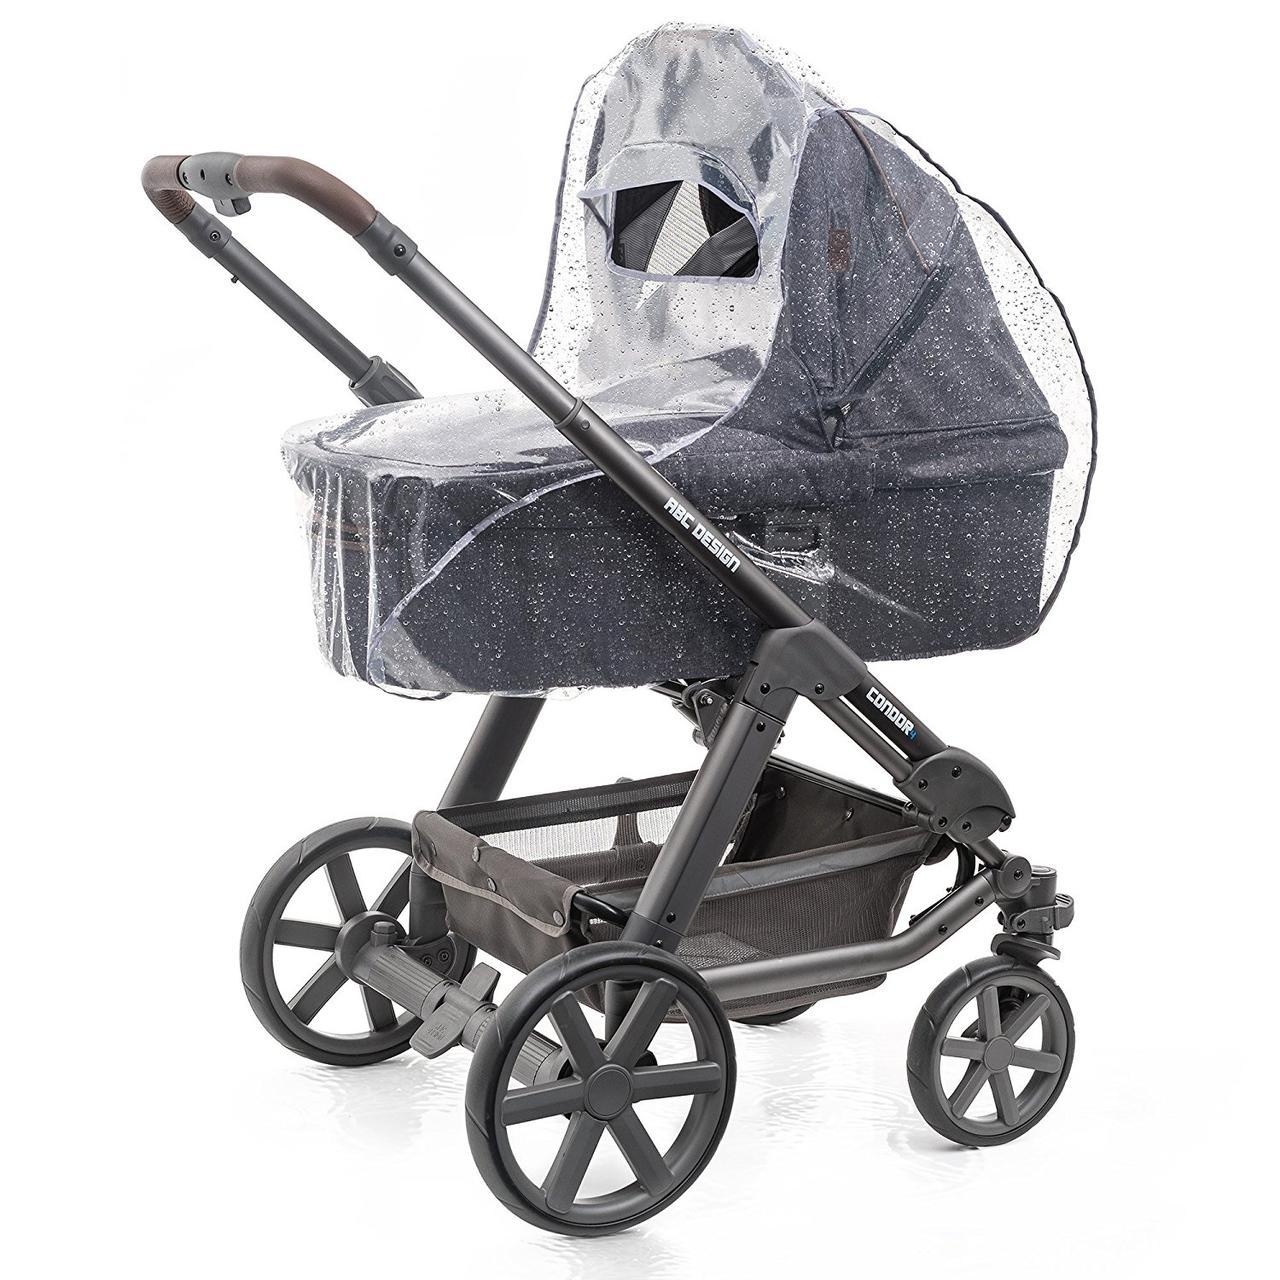 Защита от дождя для детских колясок - Zamboo